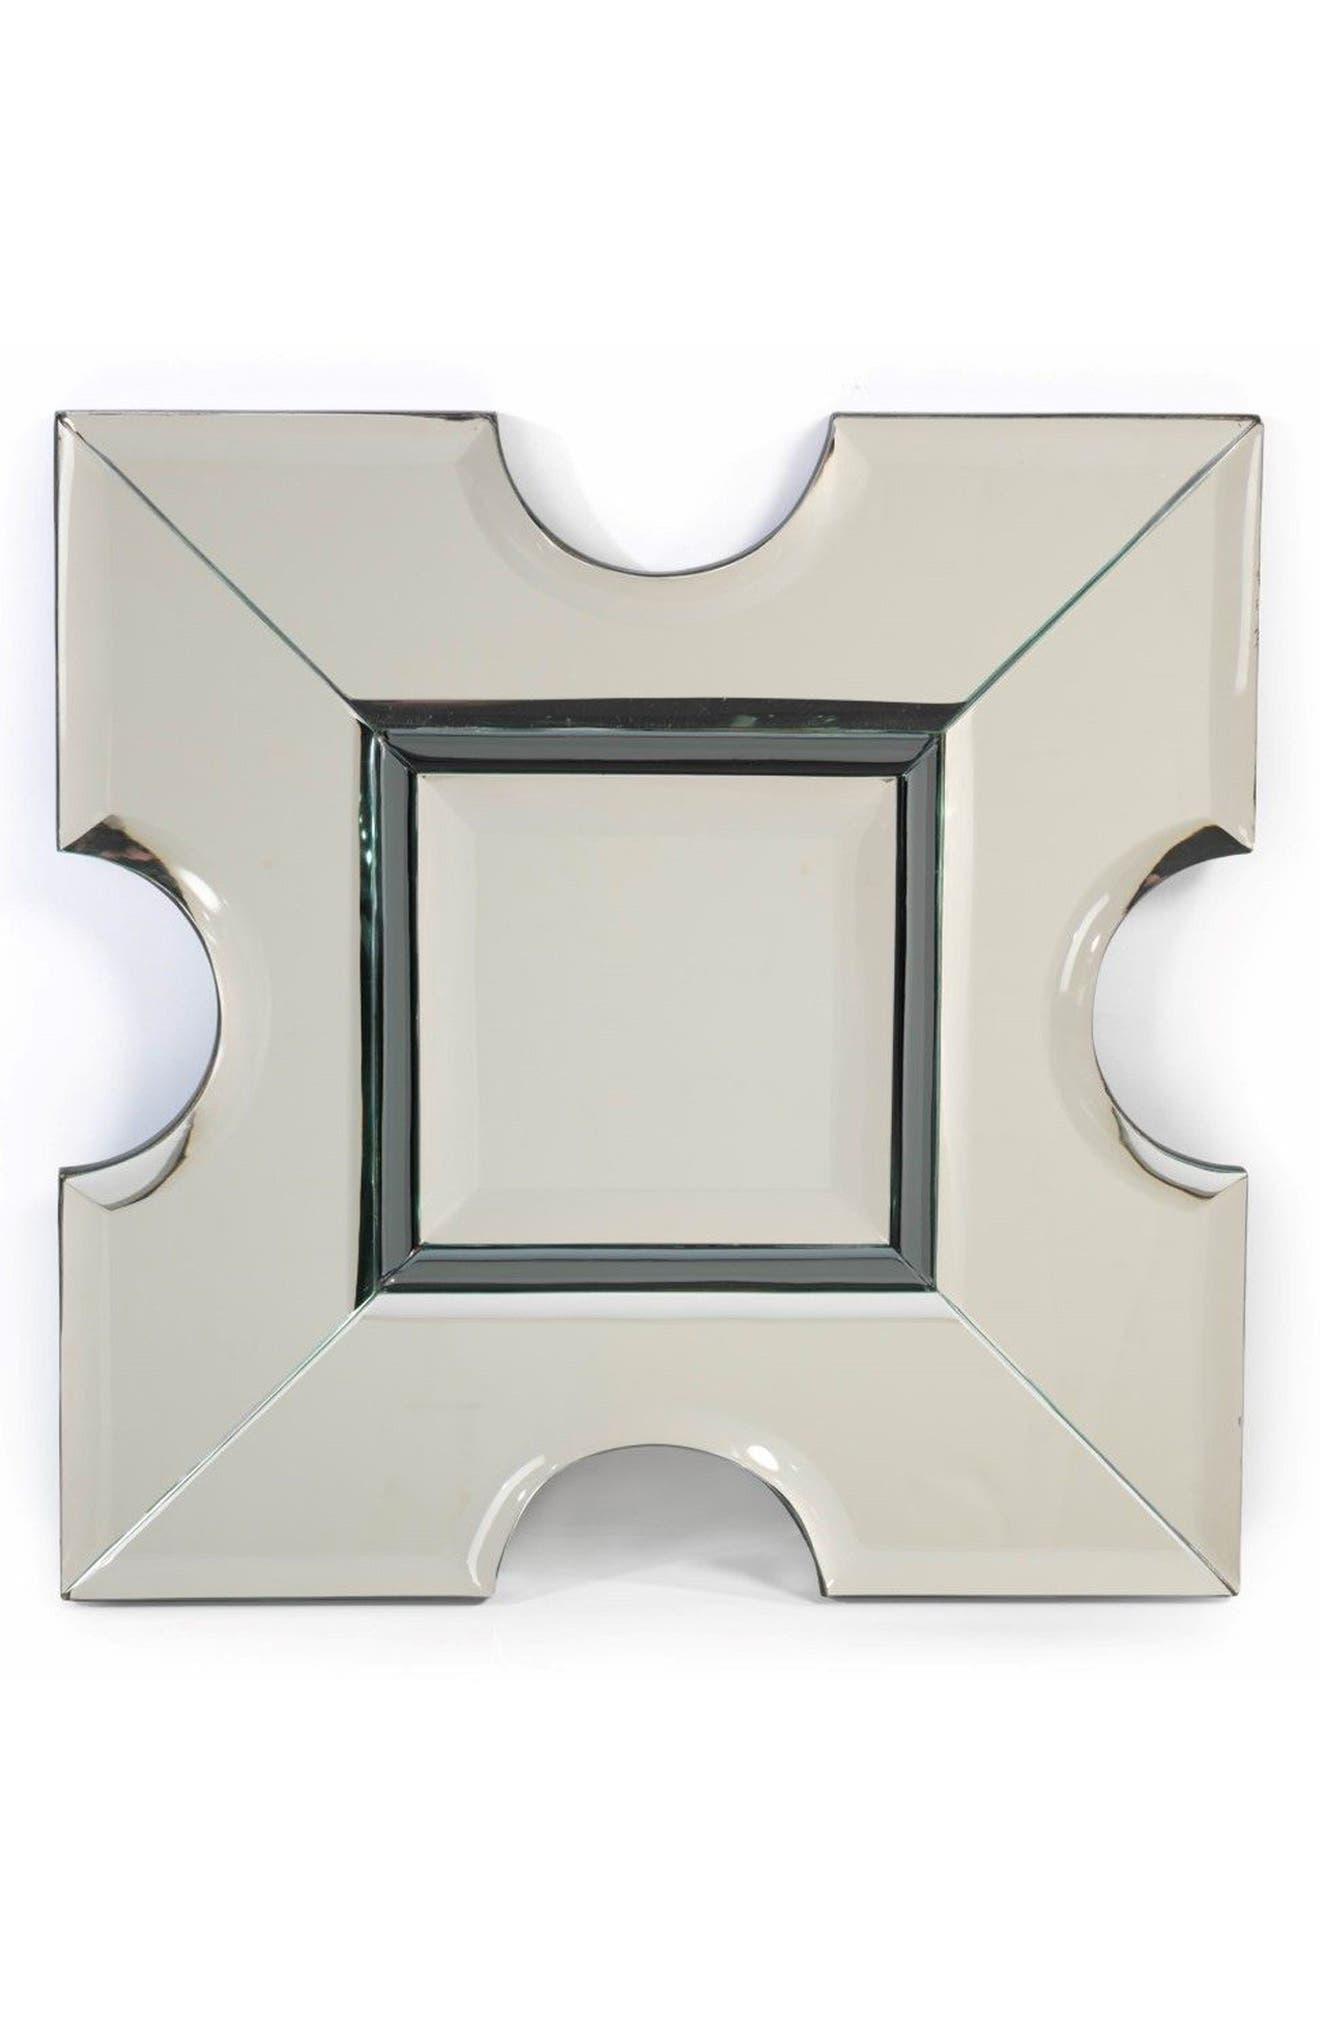 Zodax Square Wall Mirror